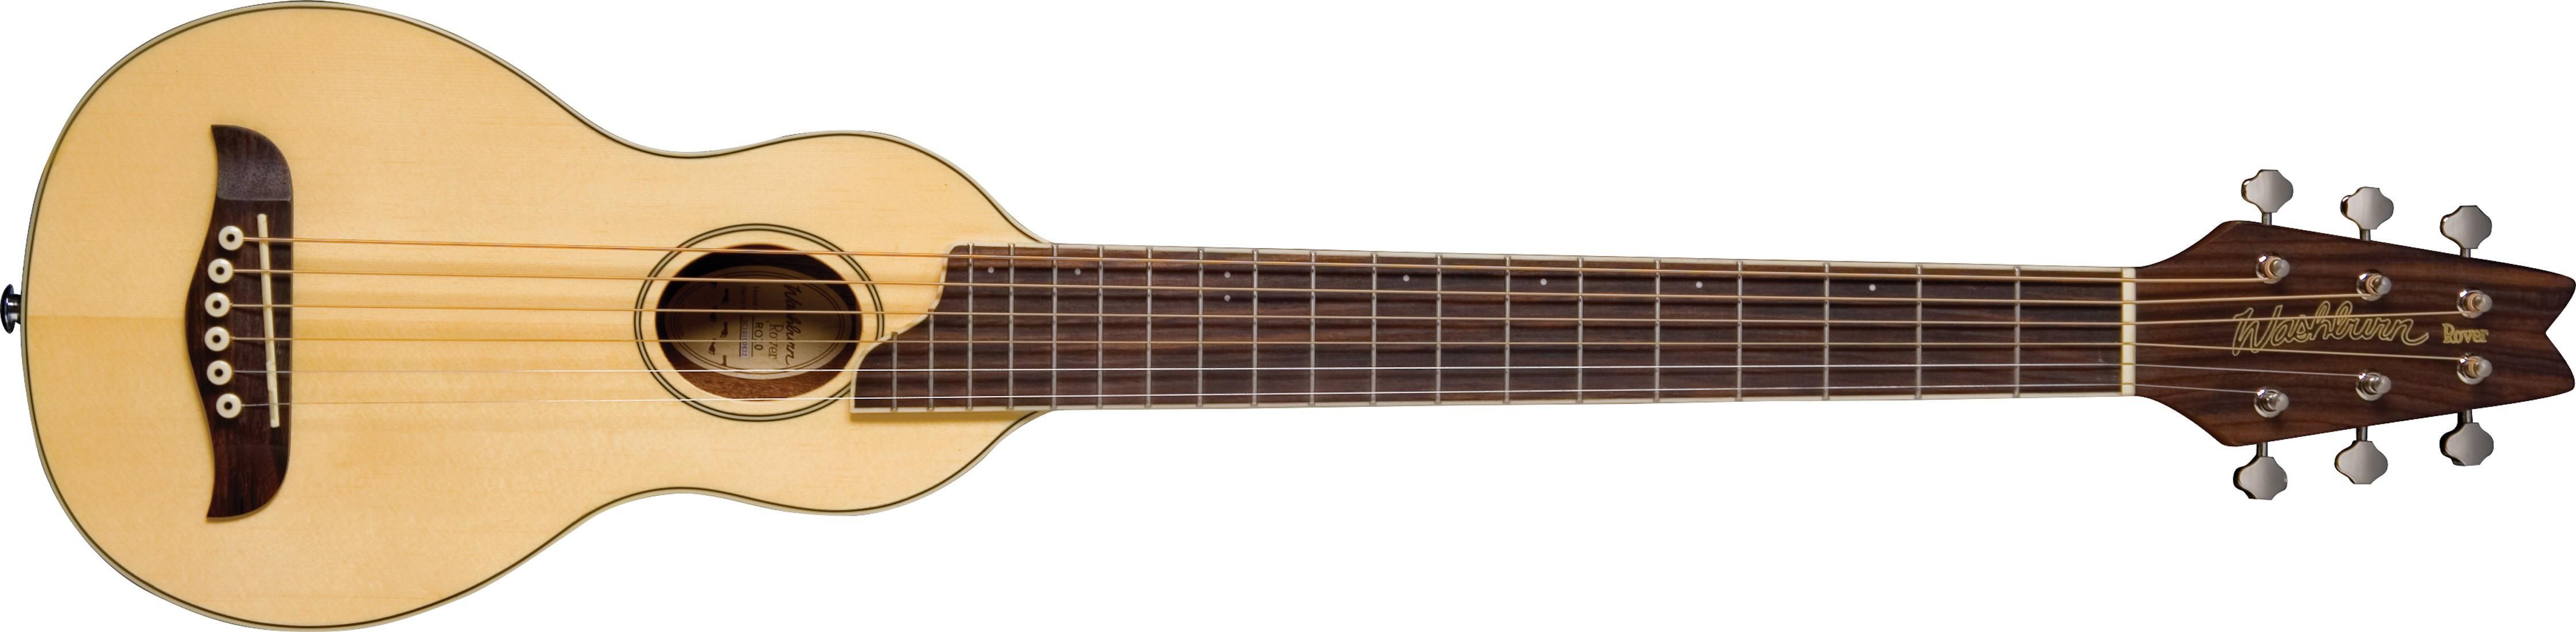 guitare de voyage Washburn rover RO10